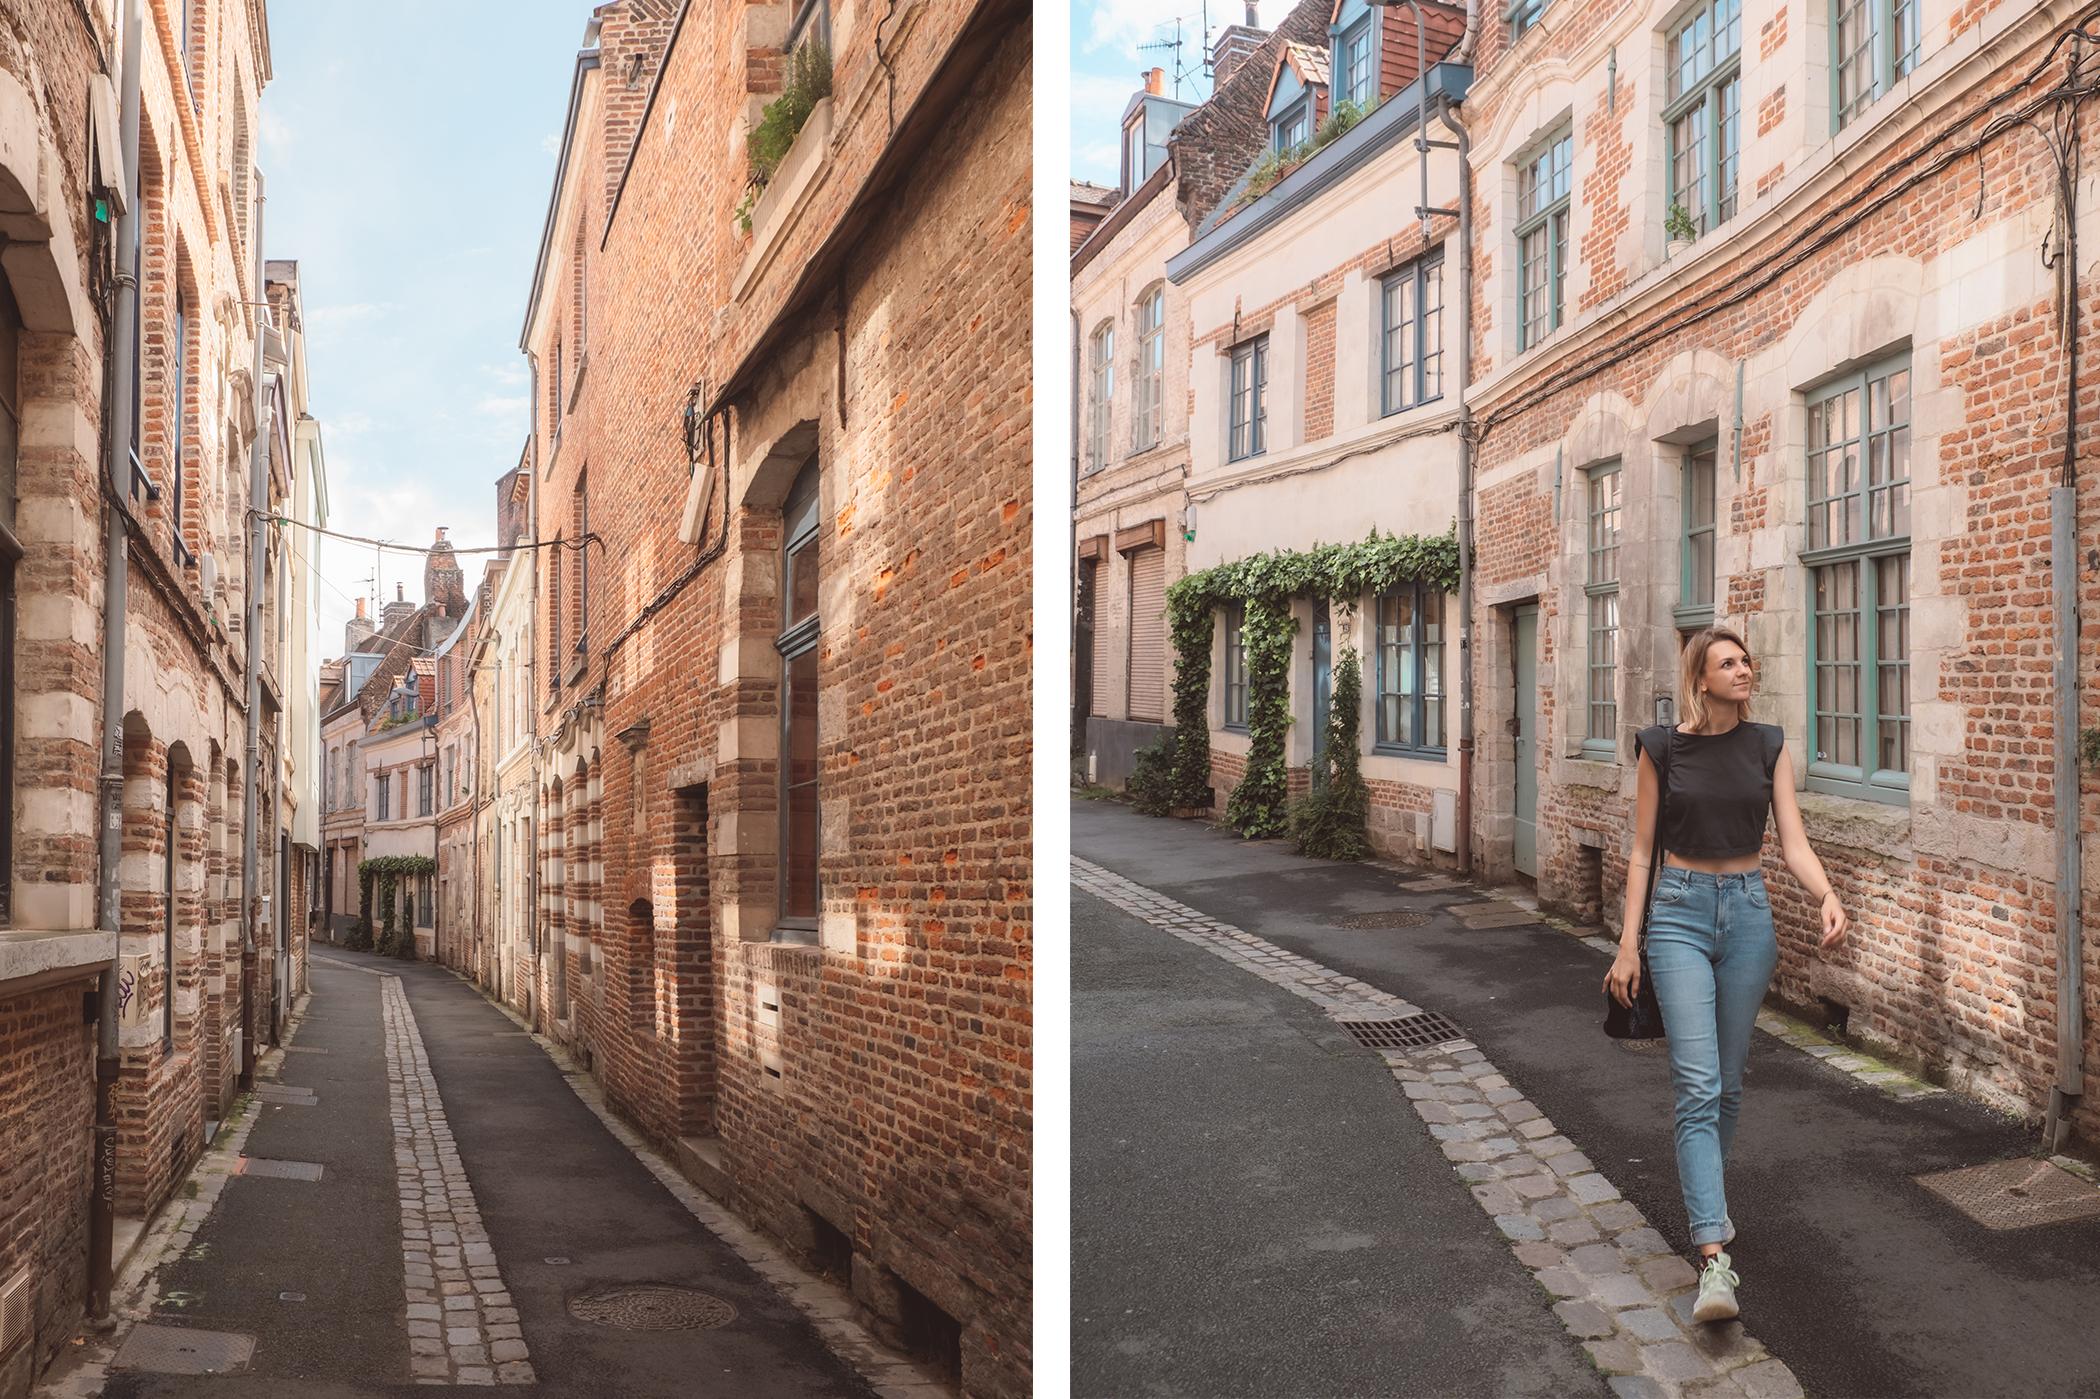 Rues et bâtiments en briques rouges à Lille